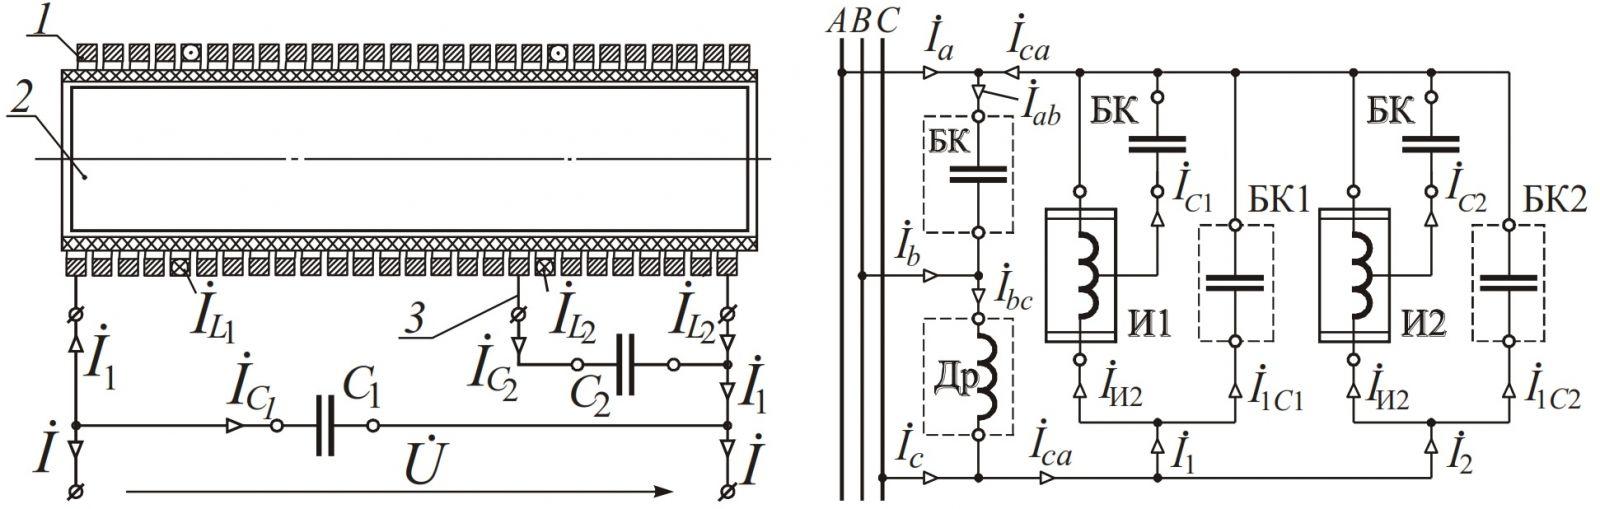 схема нагрузки в трехфазных сетях